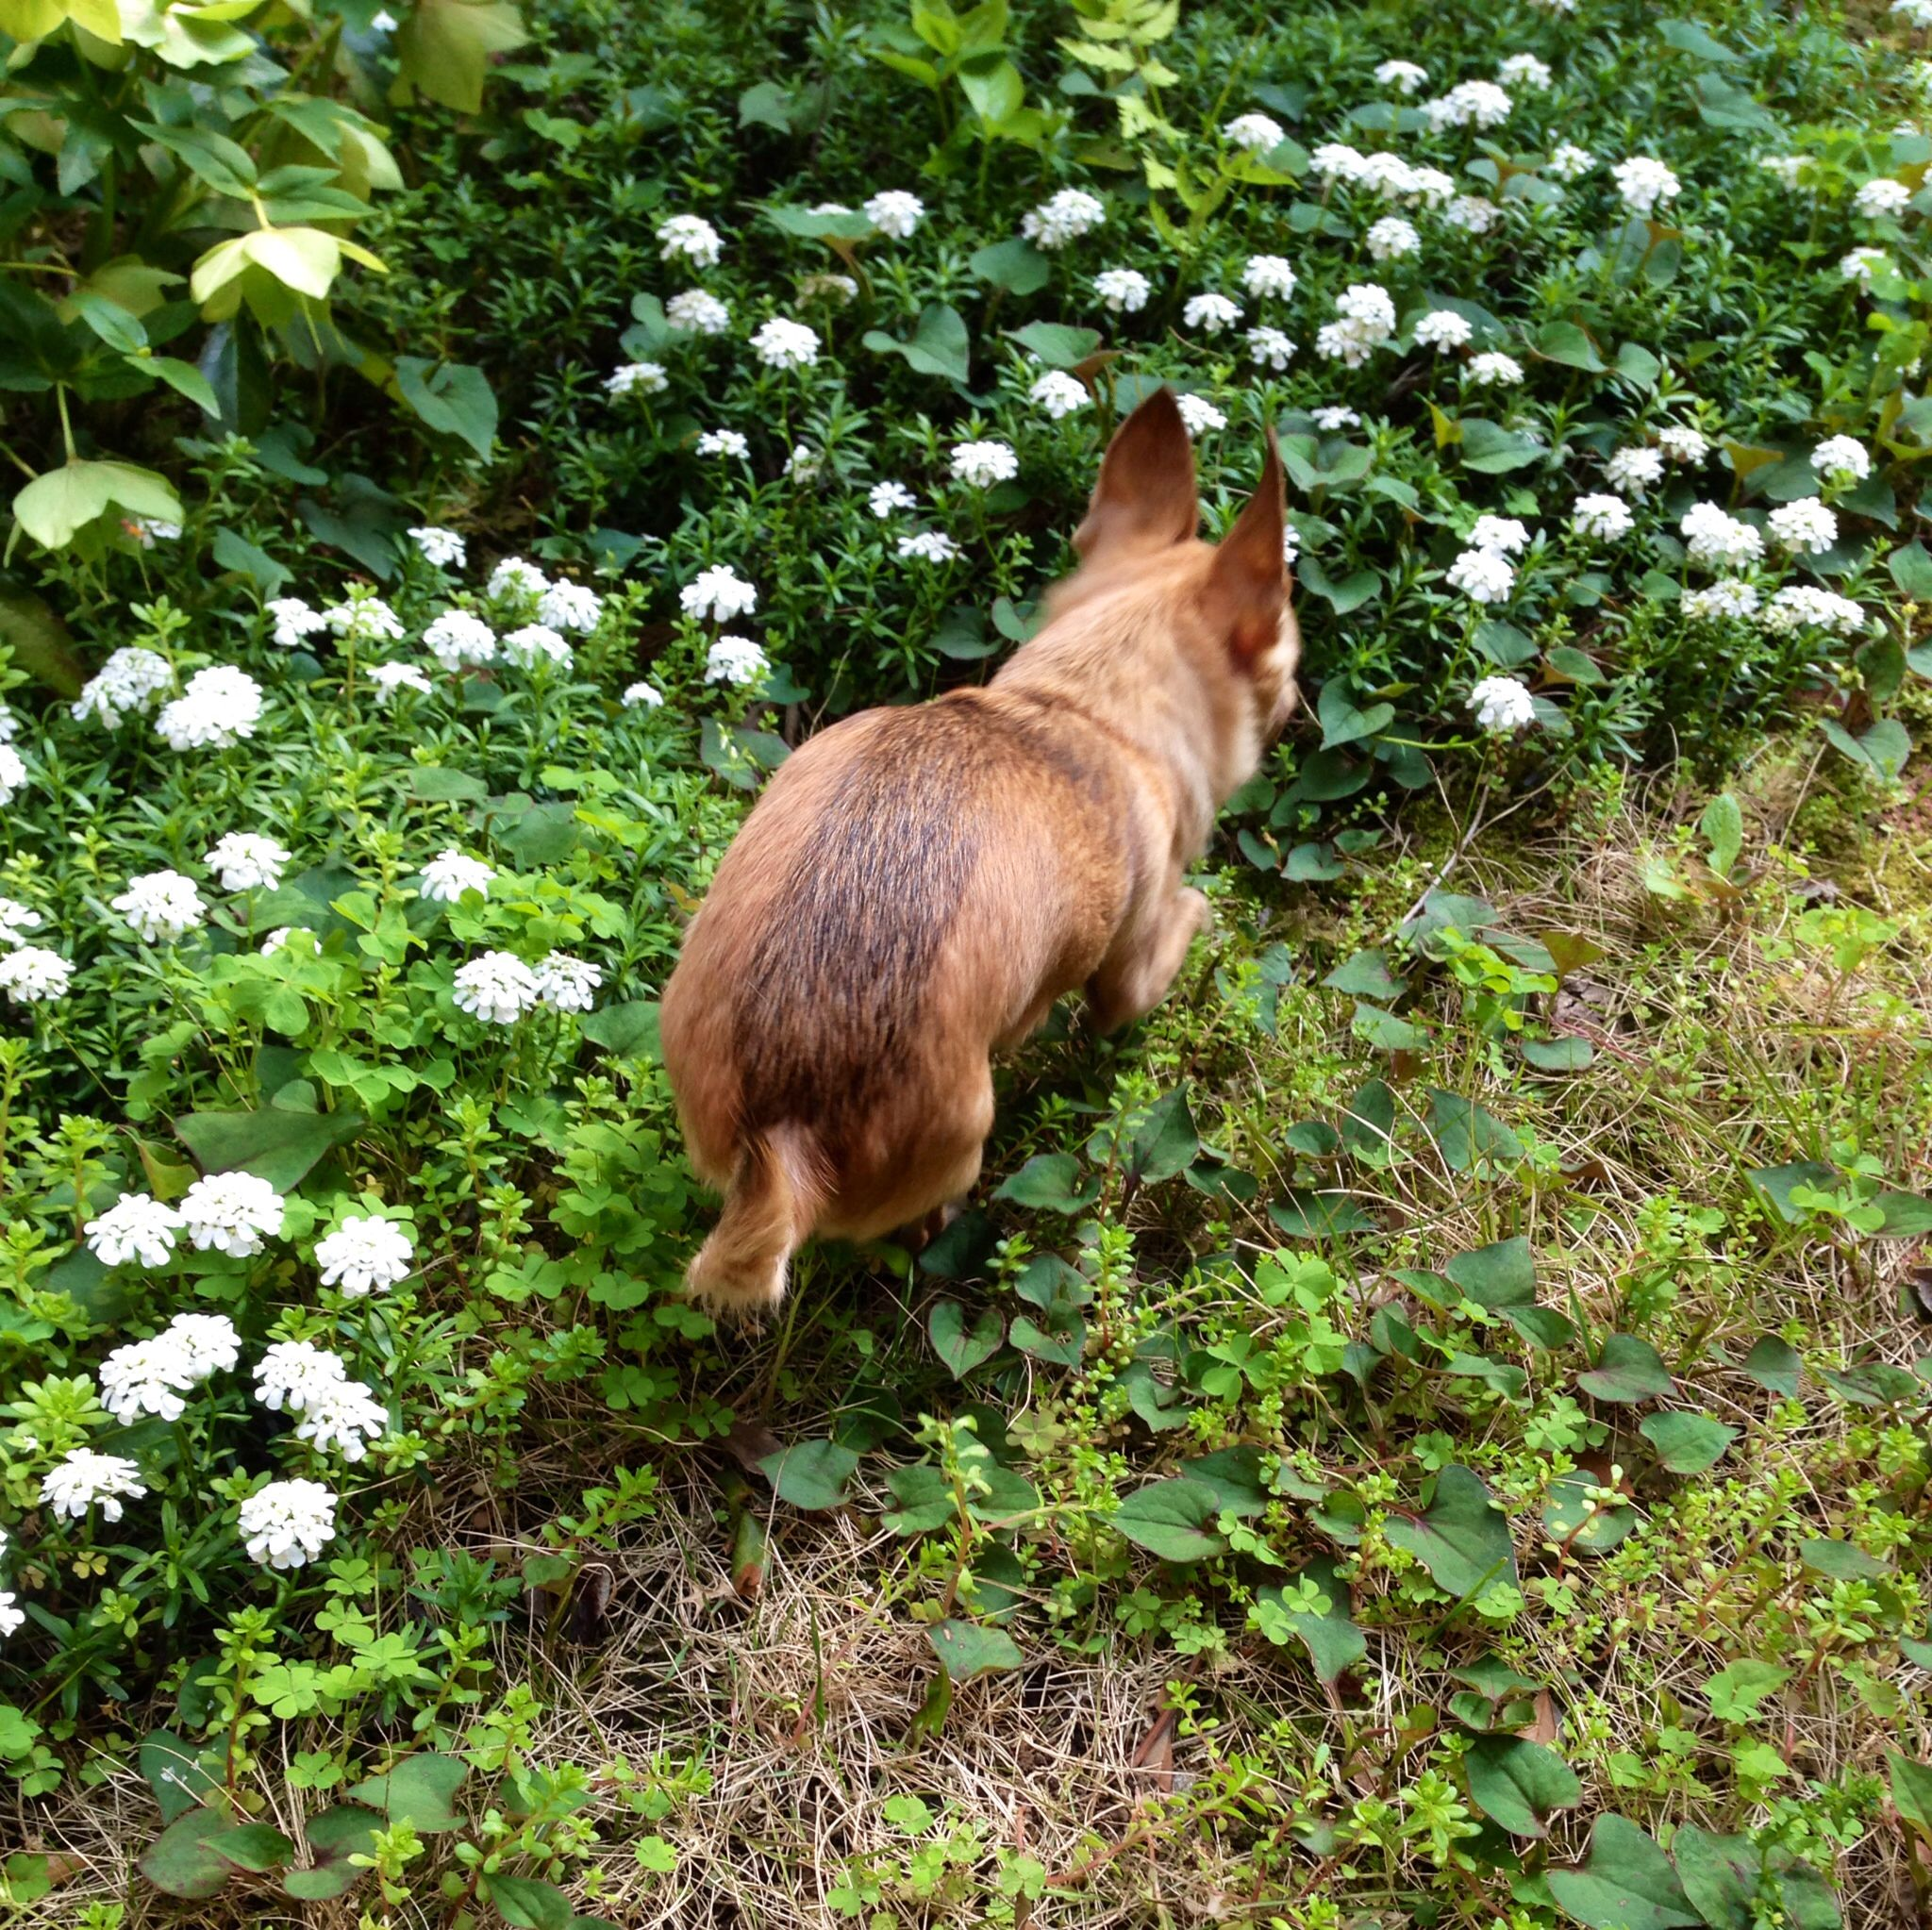 #teto #dog #garden